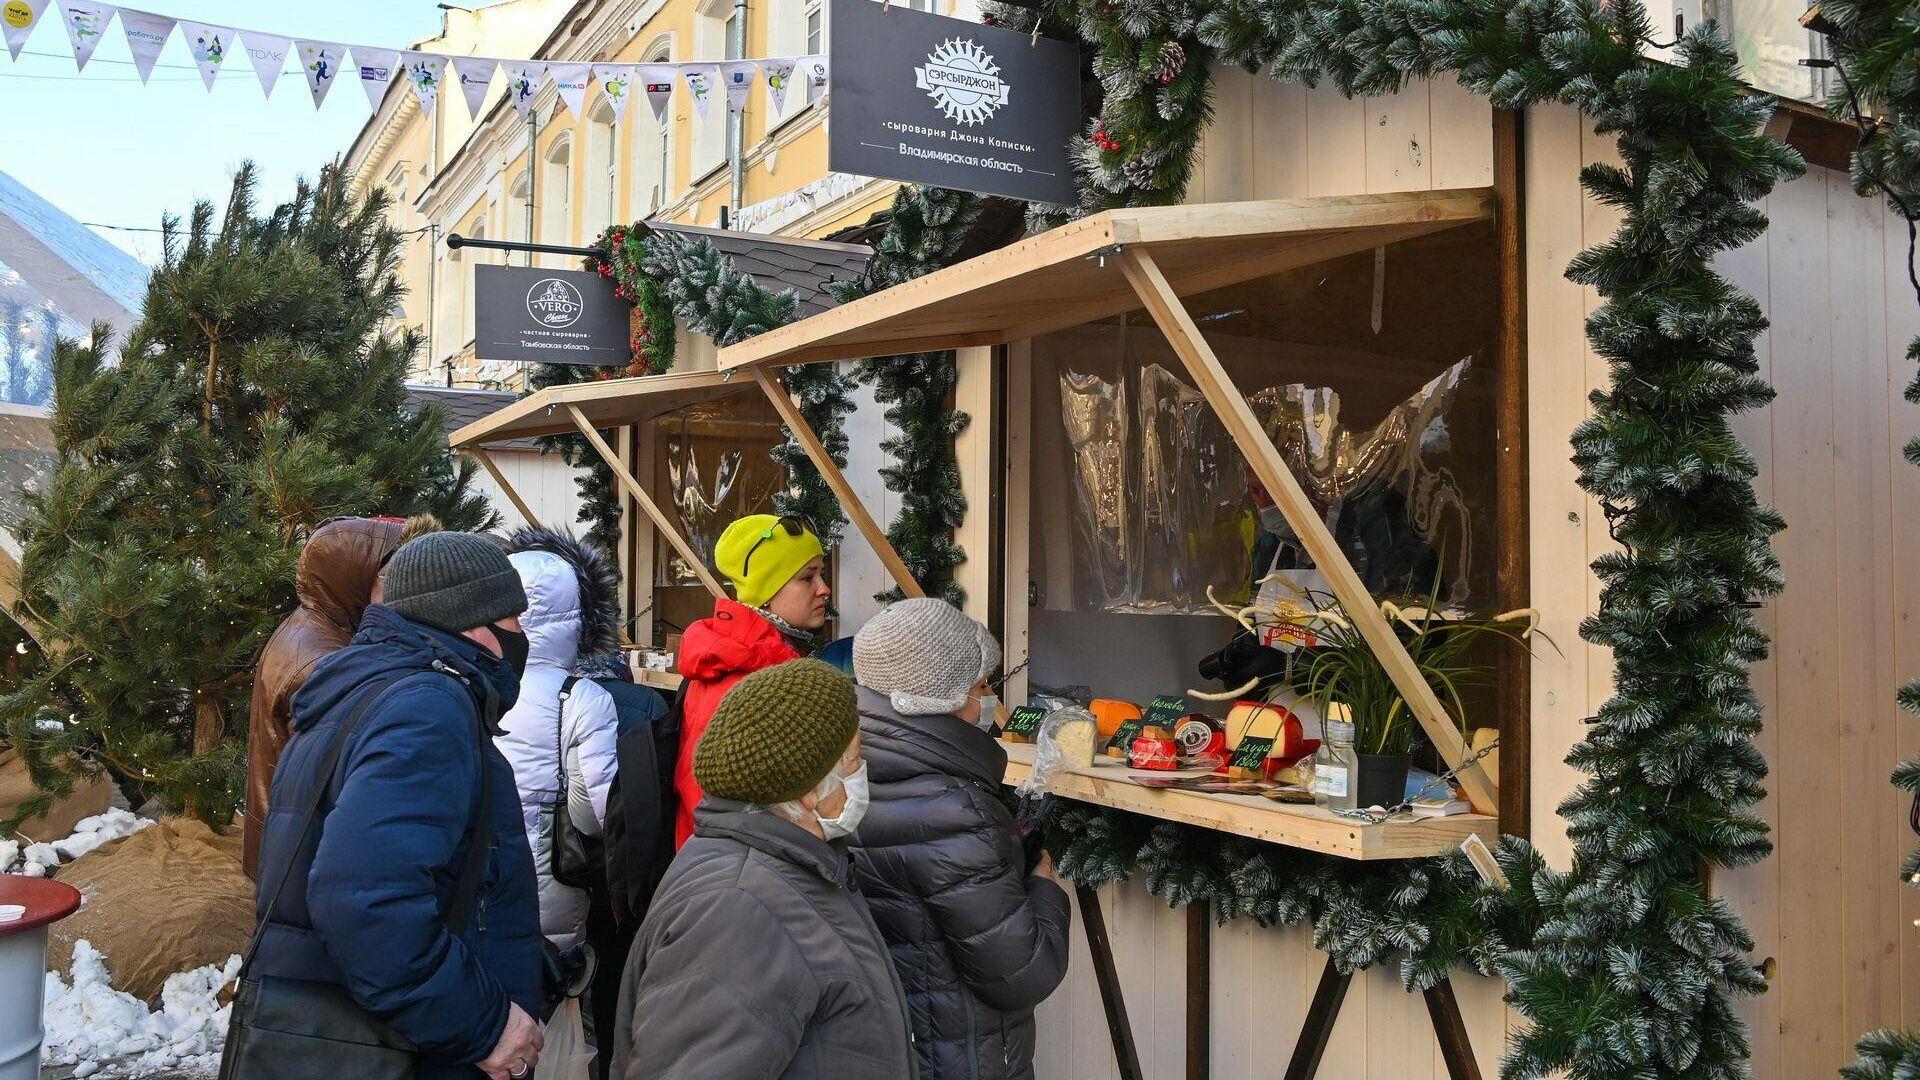 В Калуге открылась праздничная площадка Рождество на Старом торге - РИА Новости, 1920, 12.12.2020